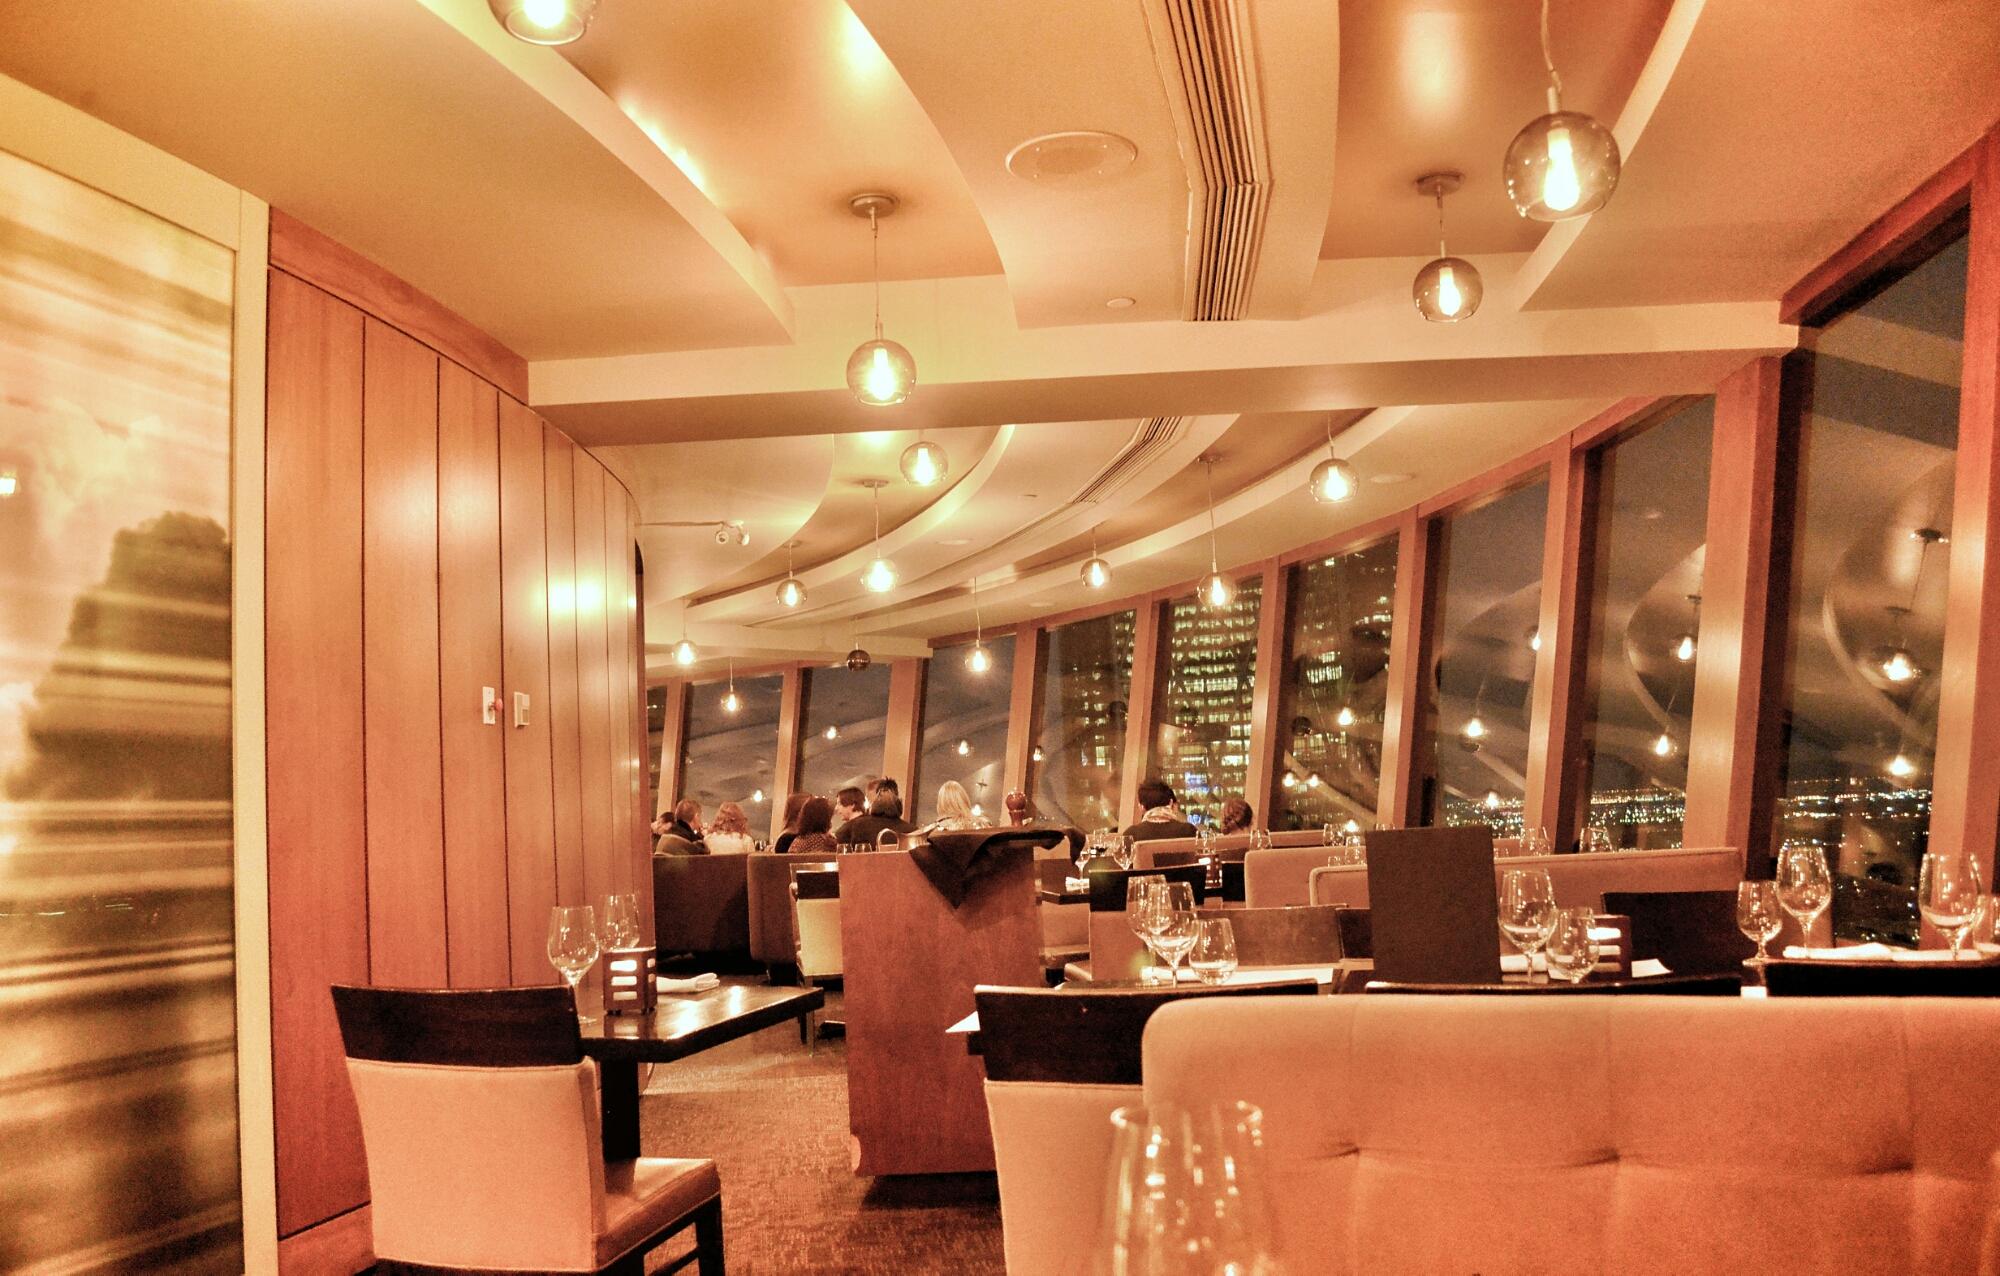 wp image 975191195jpg - Dinner Beyond the Sky | Sky 360 Restaurant Review